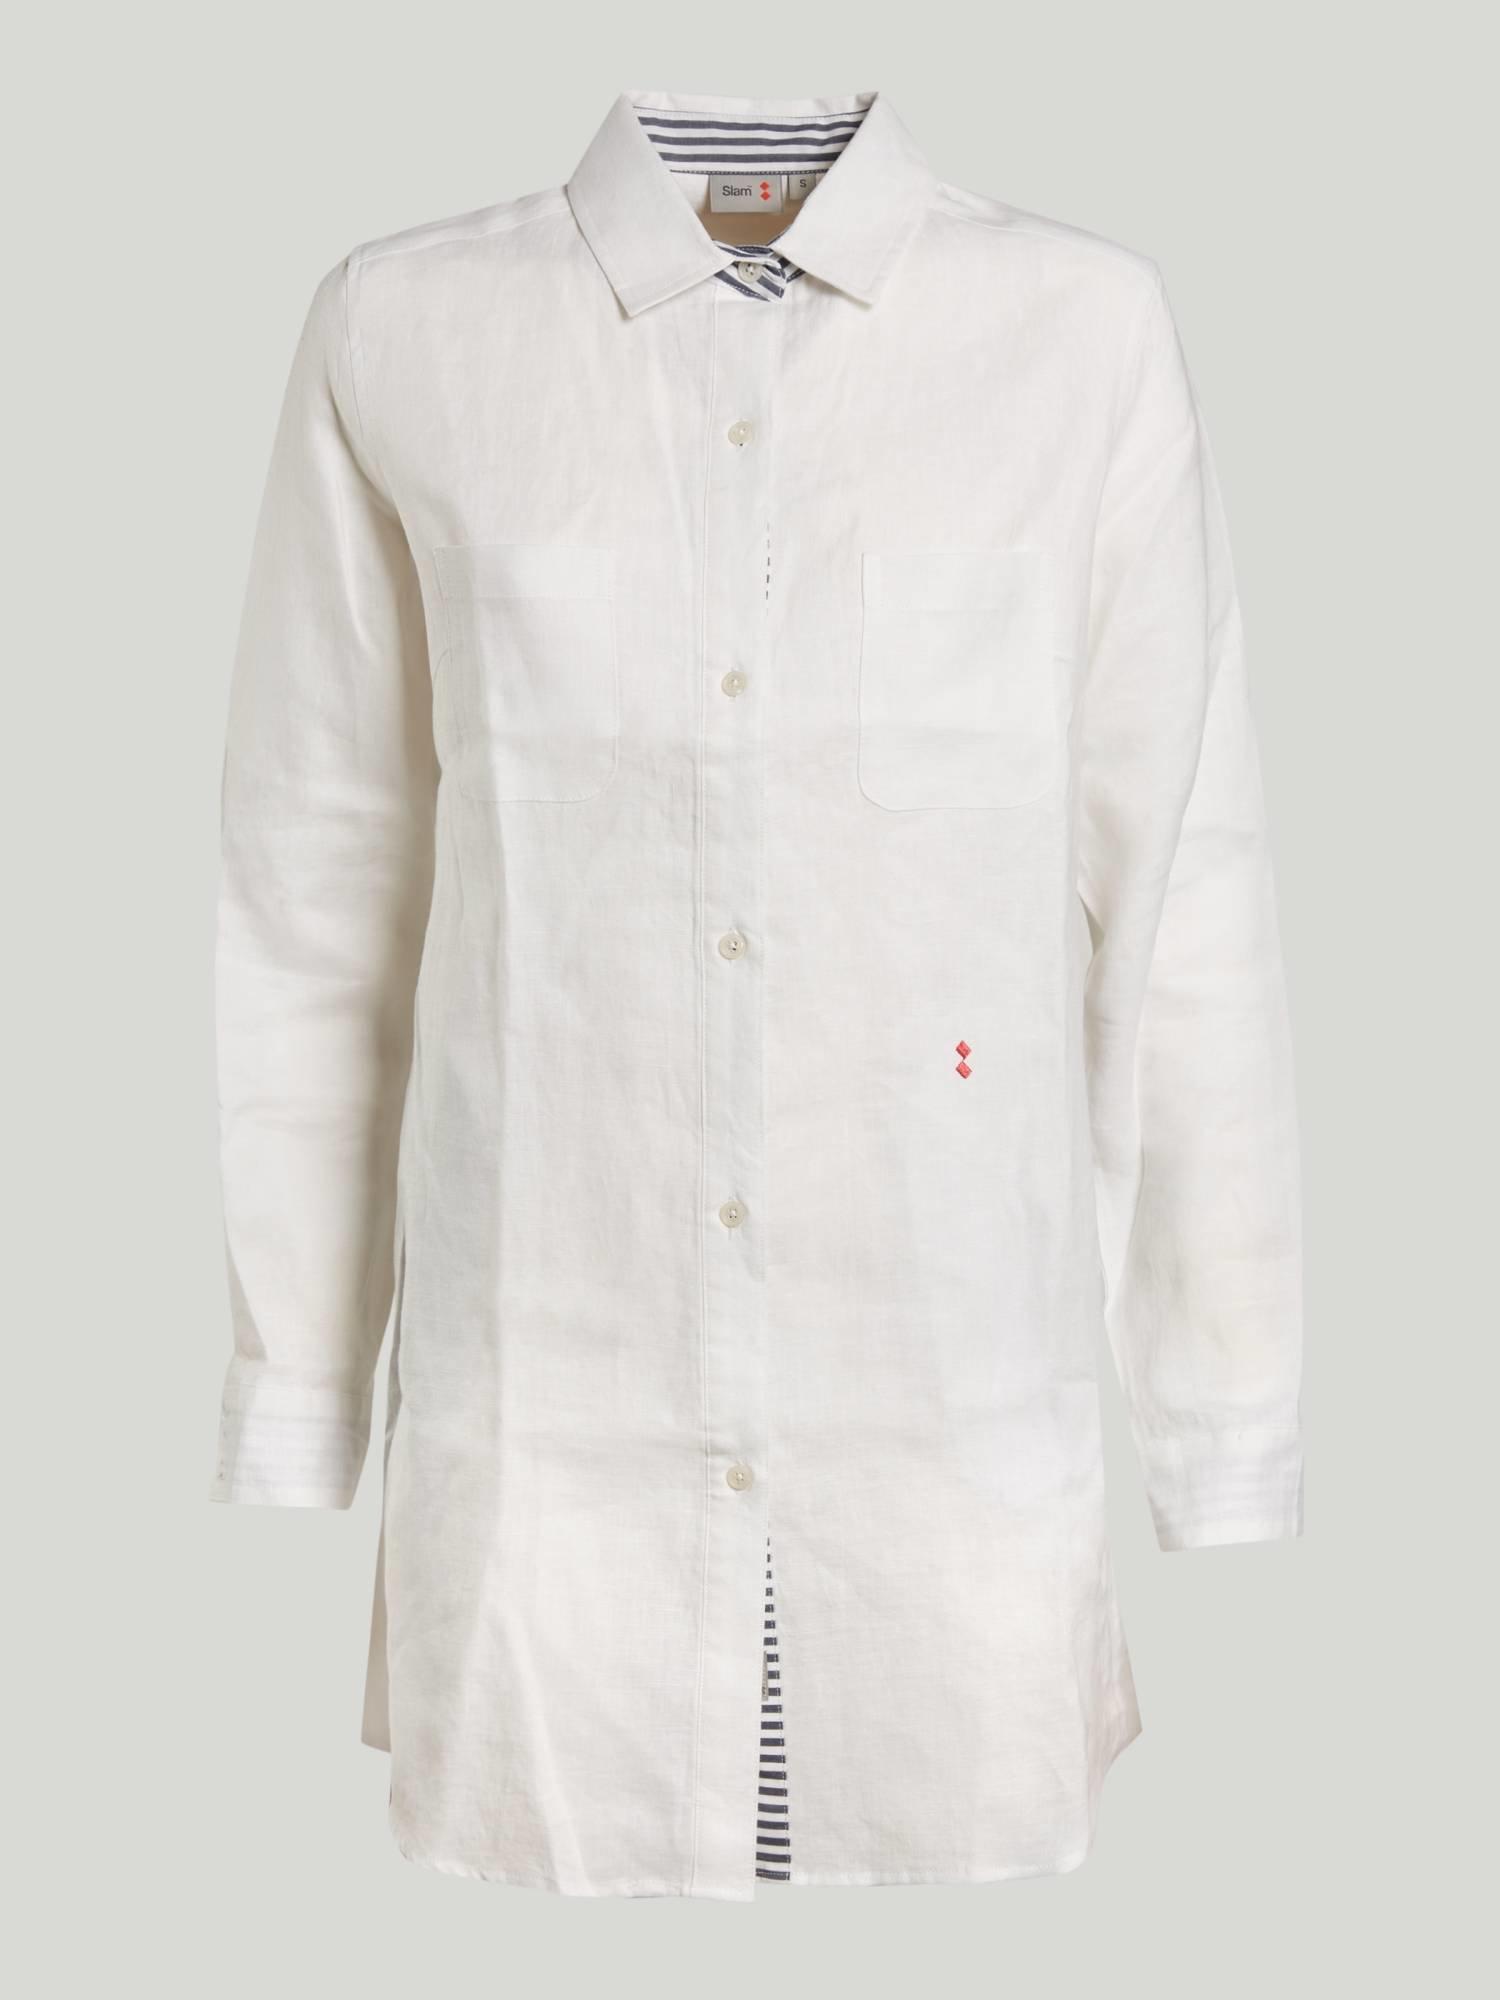 DRESS A168 - White